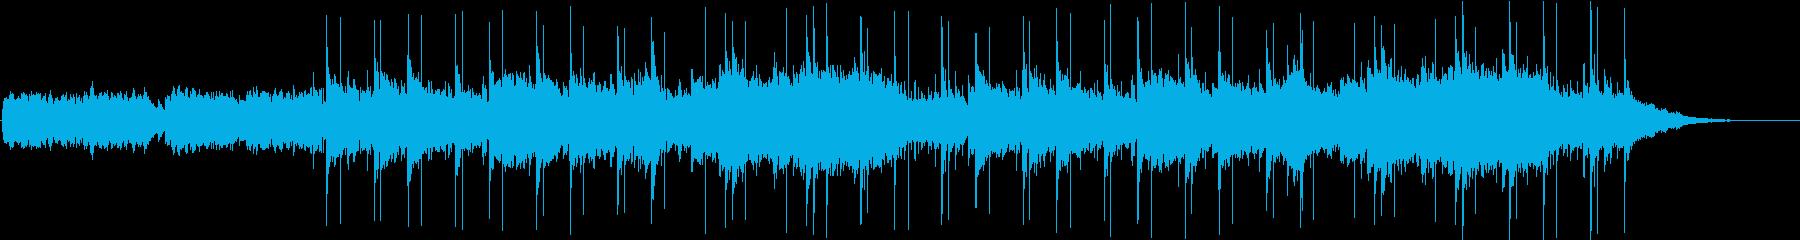 UFOの曲(ミステリアスなBGM)の再生済みの波形